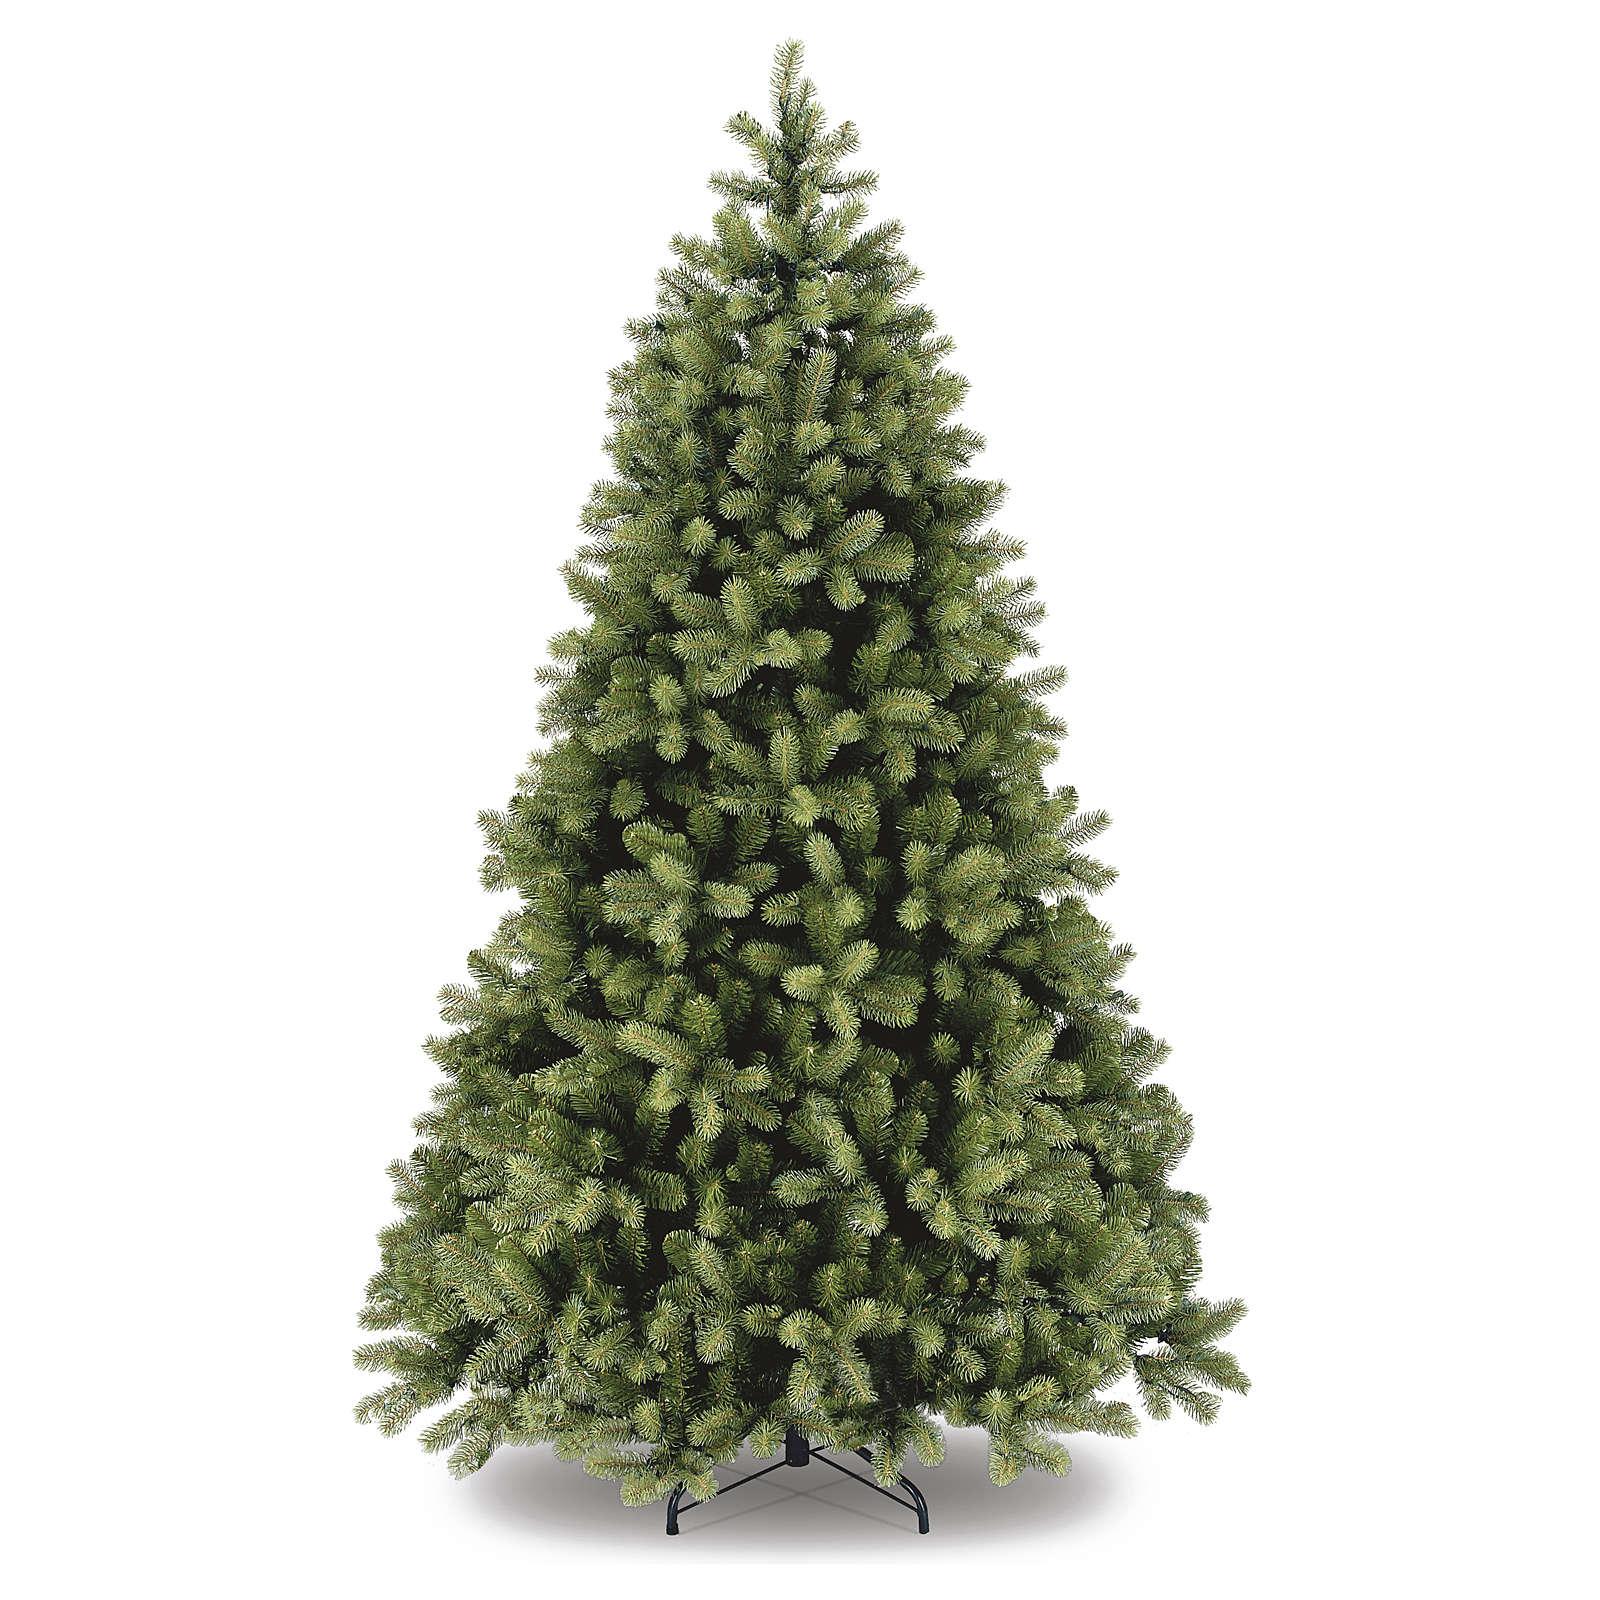 Árbol de Navidad 210 cm verde Poly Bayberry feel real 3